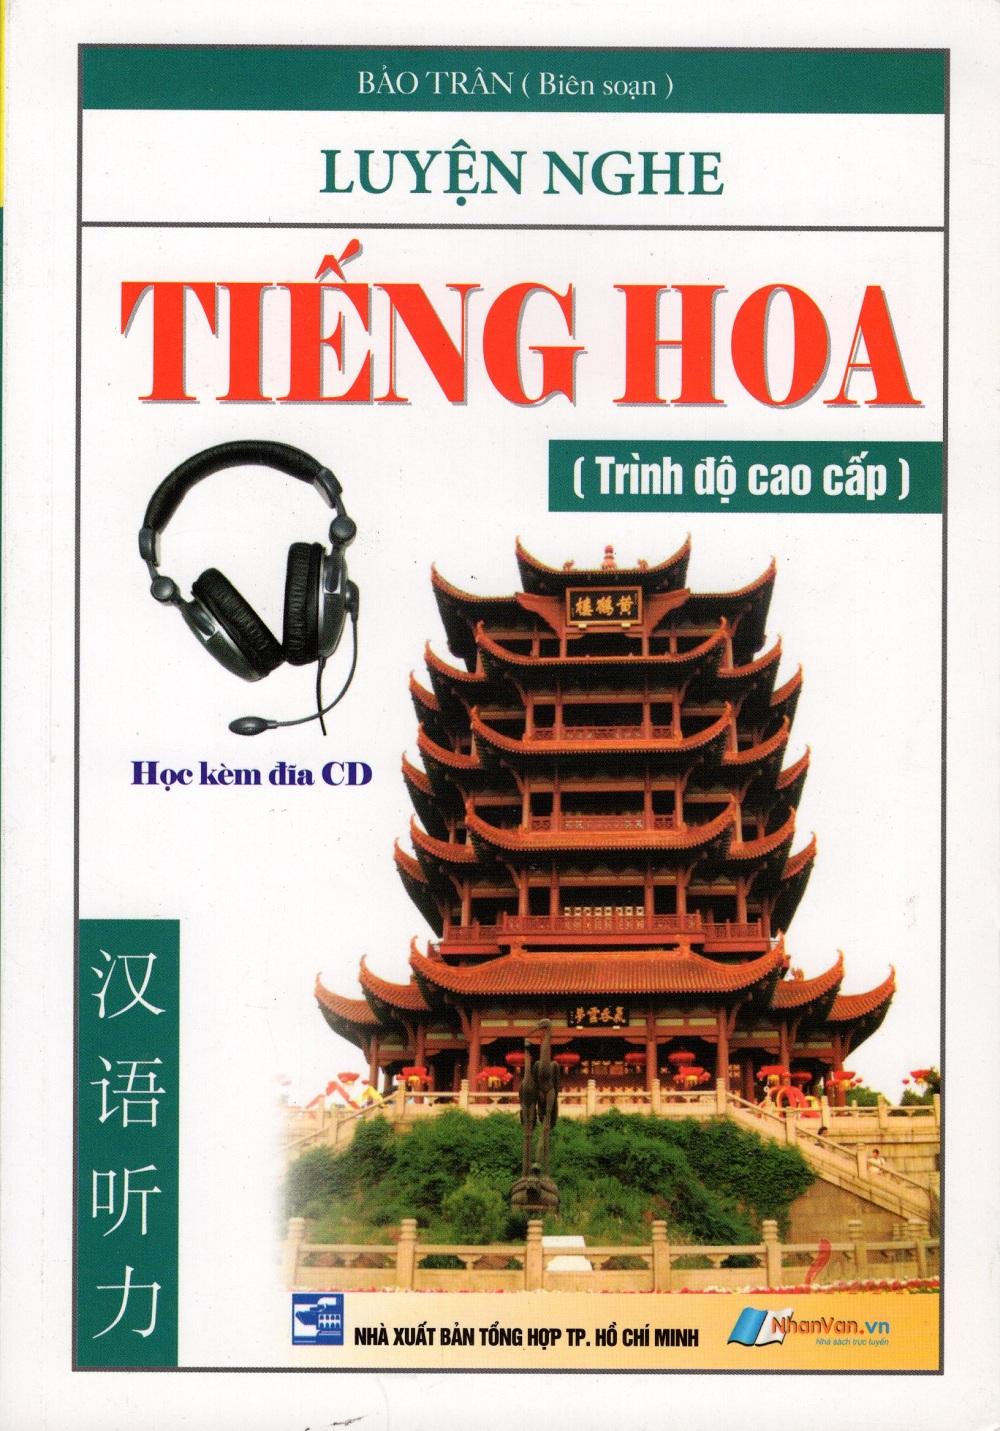 Bìa sách Luyện Nghe Tiếng Hoa (Trình Độ Cao Cấp)